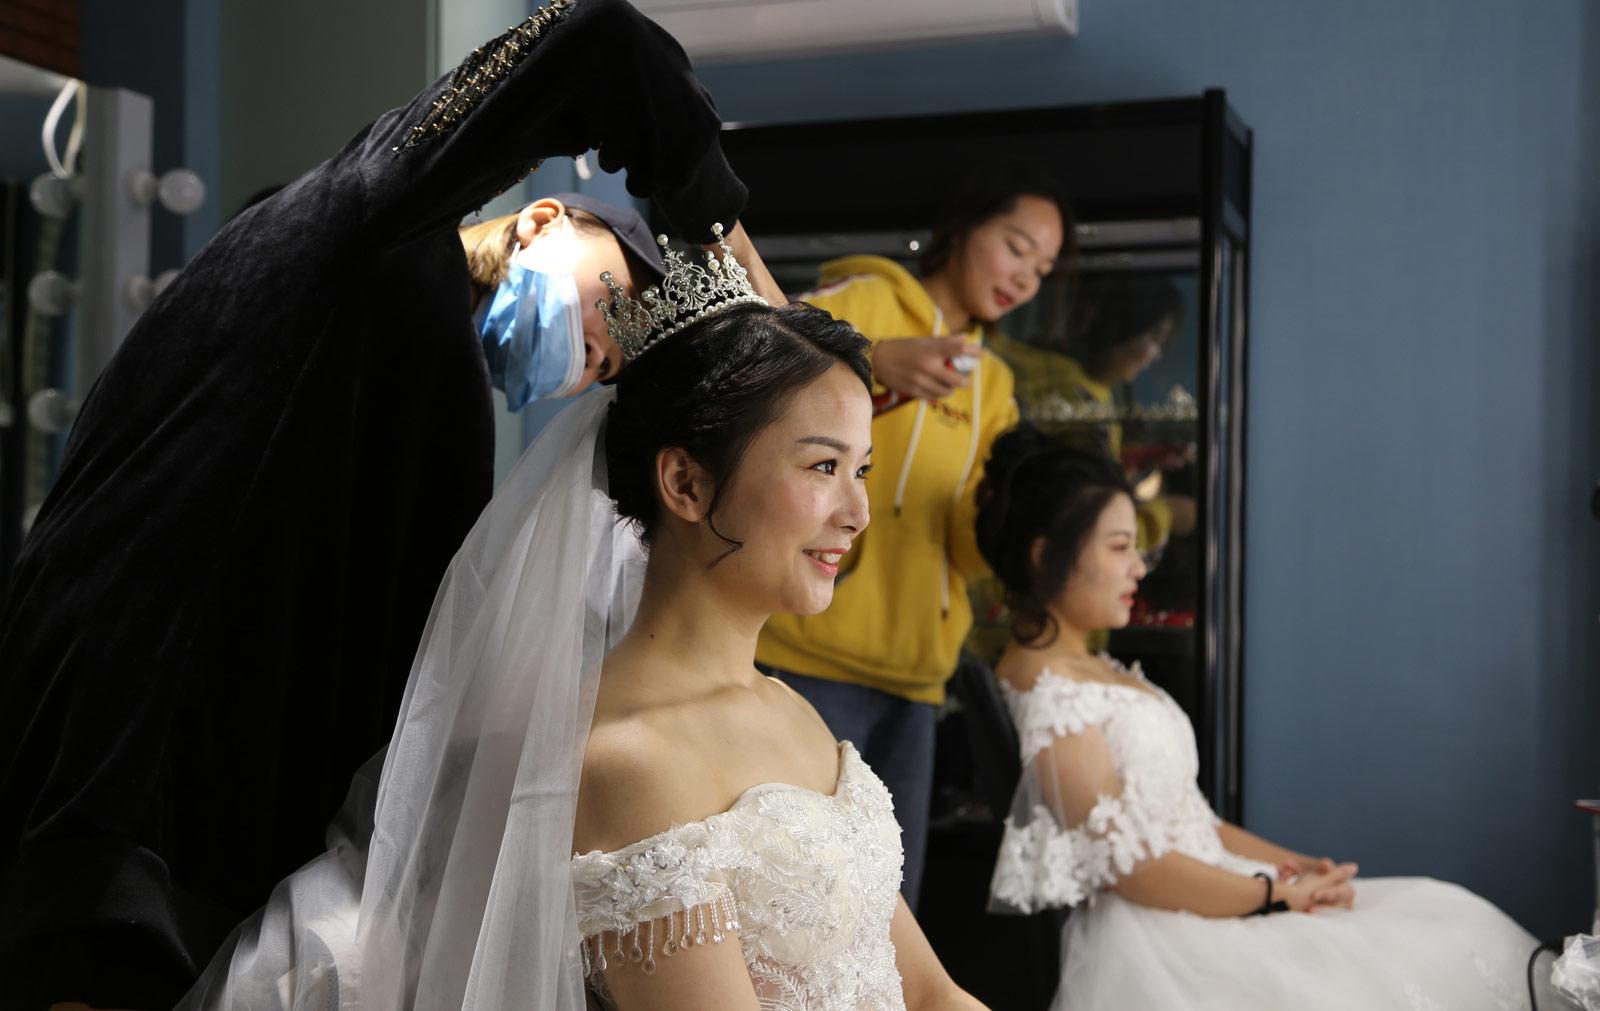 2018年元旦前夕,武汉地铁21号线(阳逻线)后湖大道站站厅举行了一场充满浓郁地铁特色的集体婚礼,21对新人步入婚姻殿堂。图为新娘们化妆参加婚礼。(连迅 摄)